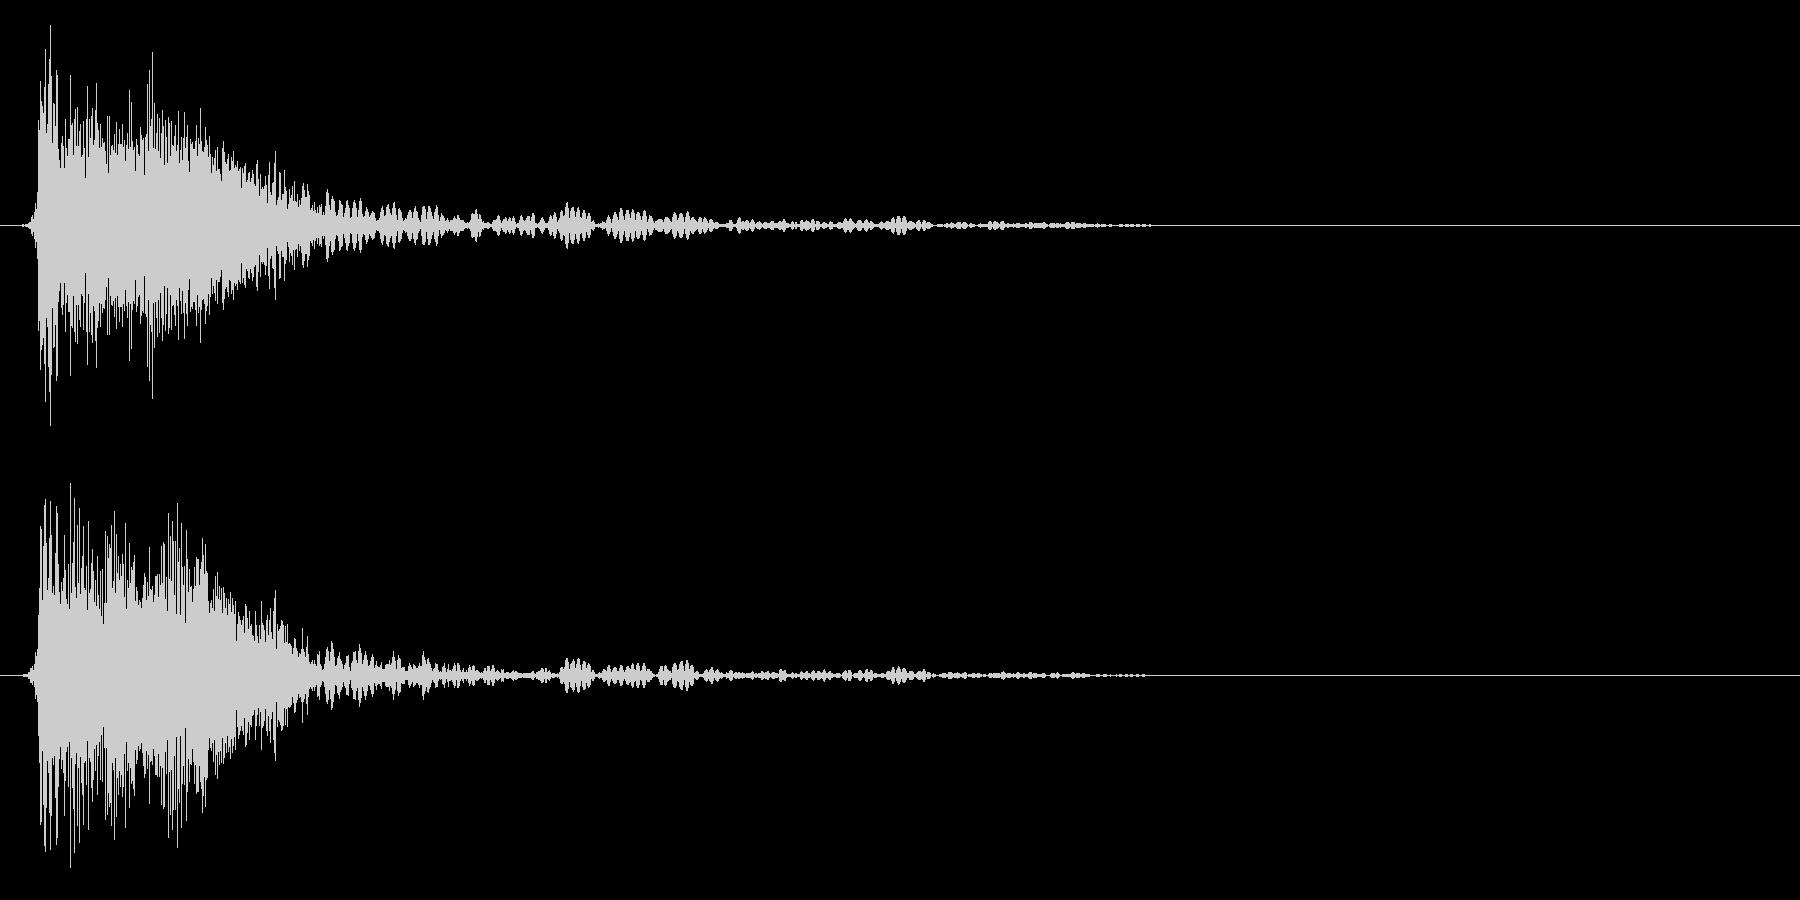 ジャン/クイズ/フリップボード/オケヒの未再生の波形